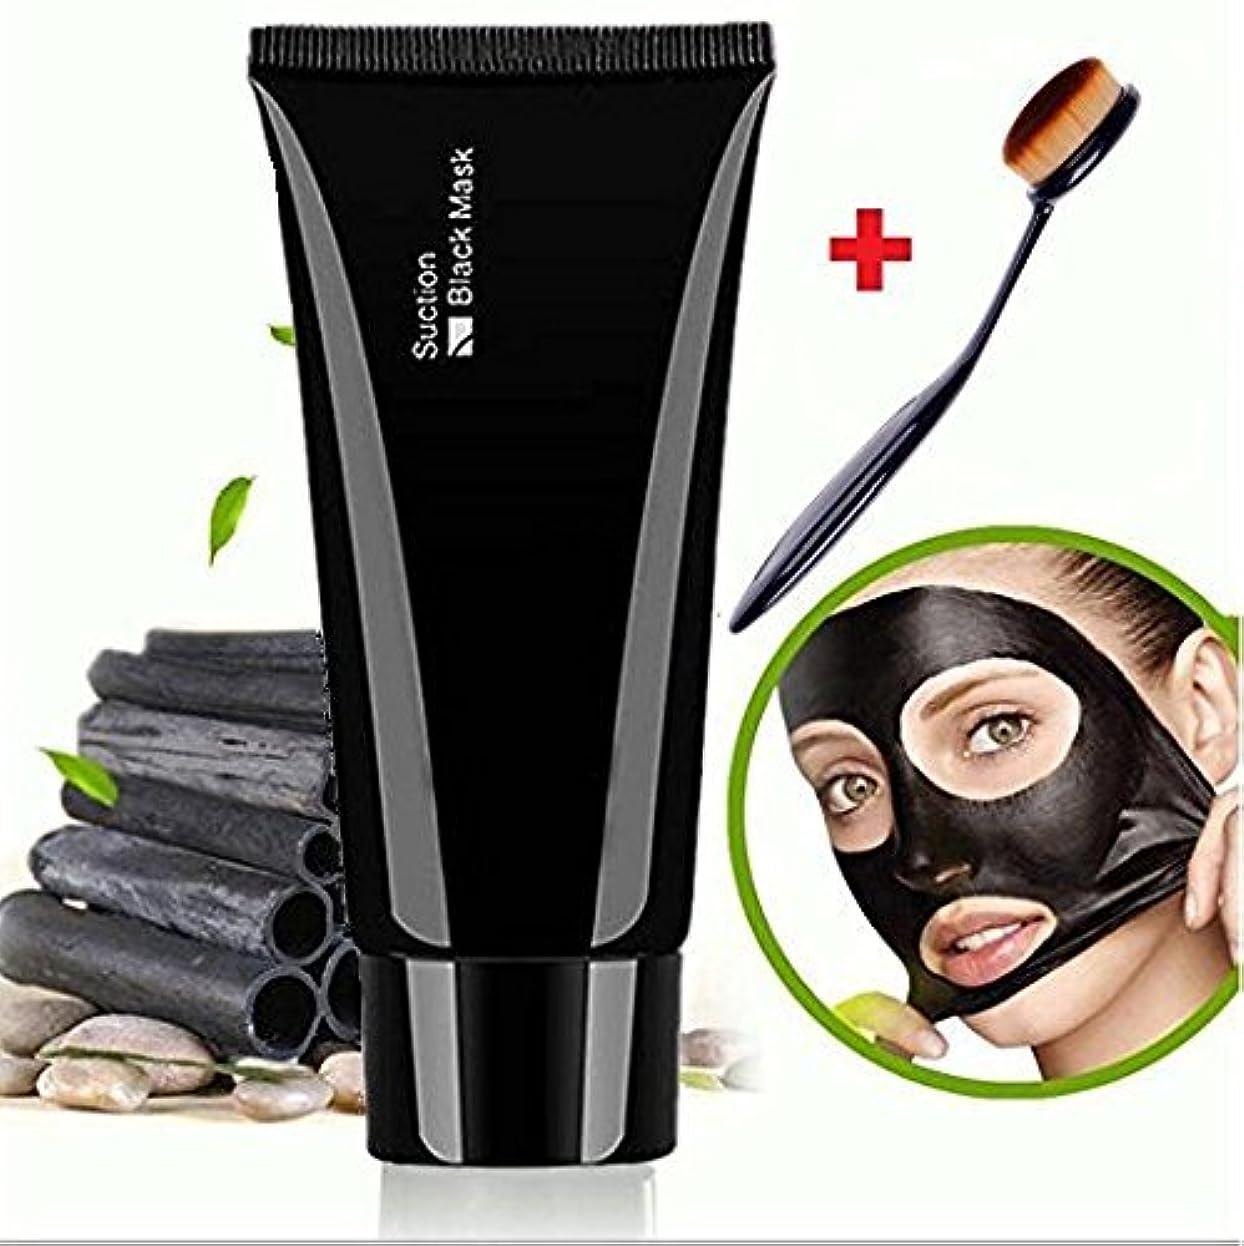 かわす日記曲がったFacial Mask Black, Face Apeel Cleansing Mask Deep Cleanser Blackhead Acne Remover Peel off Mask + Oval Brush